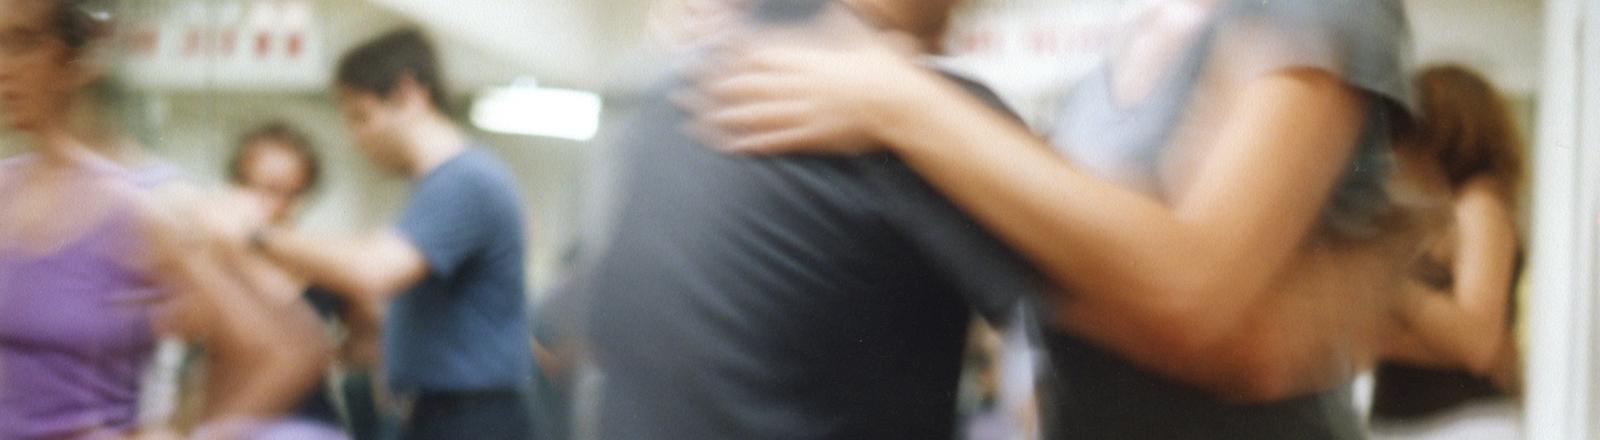 Menschen im Paartanz